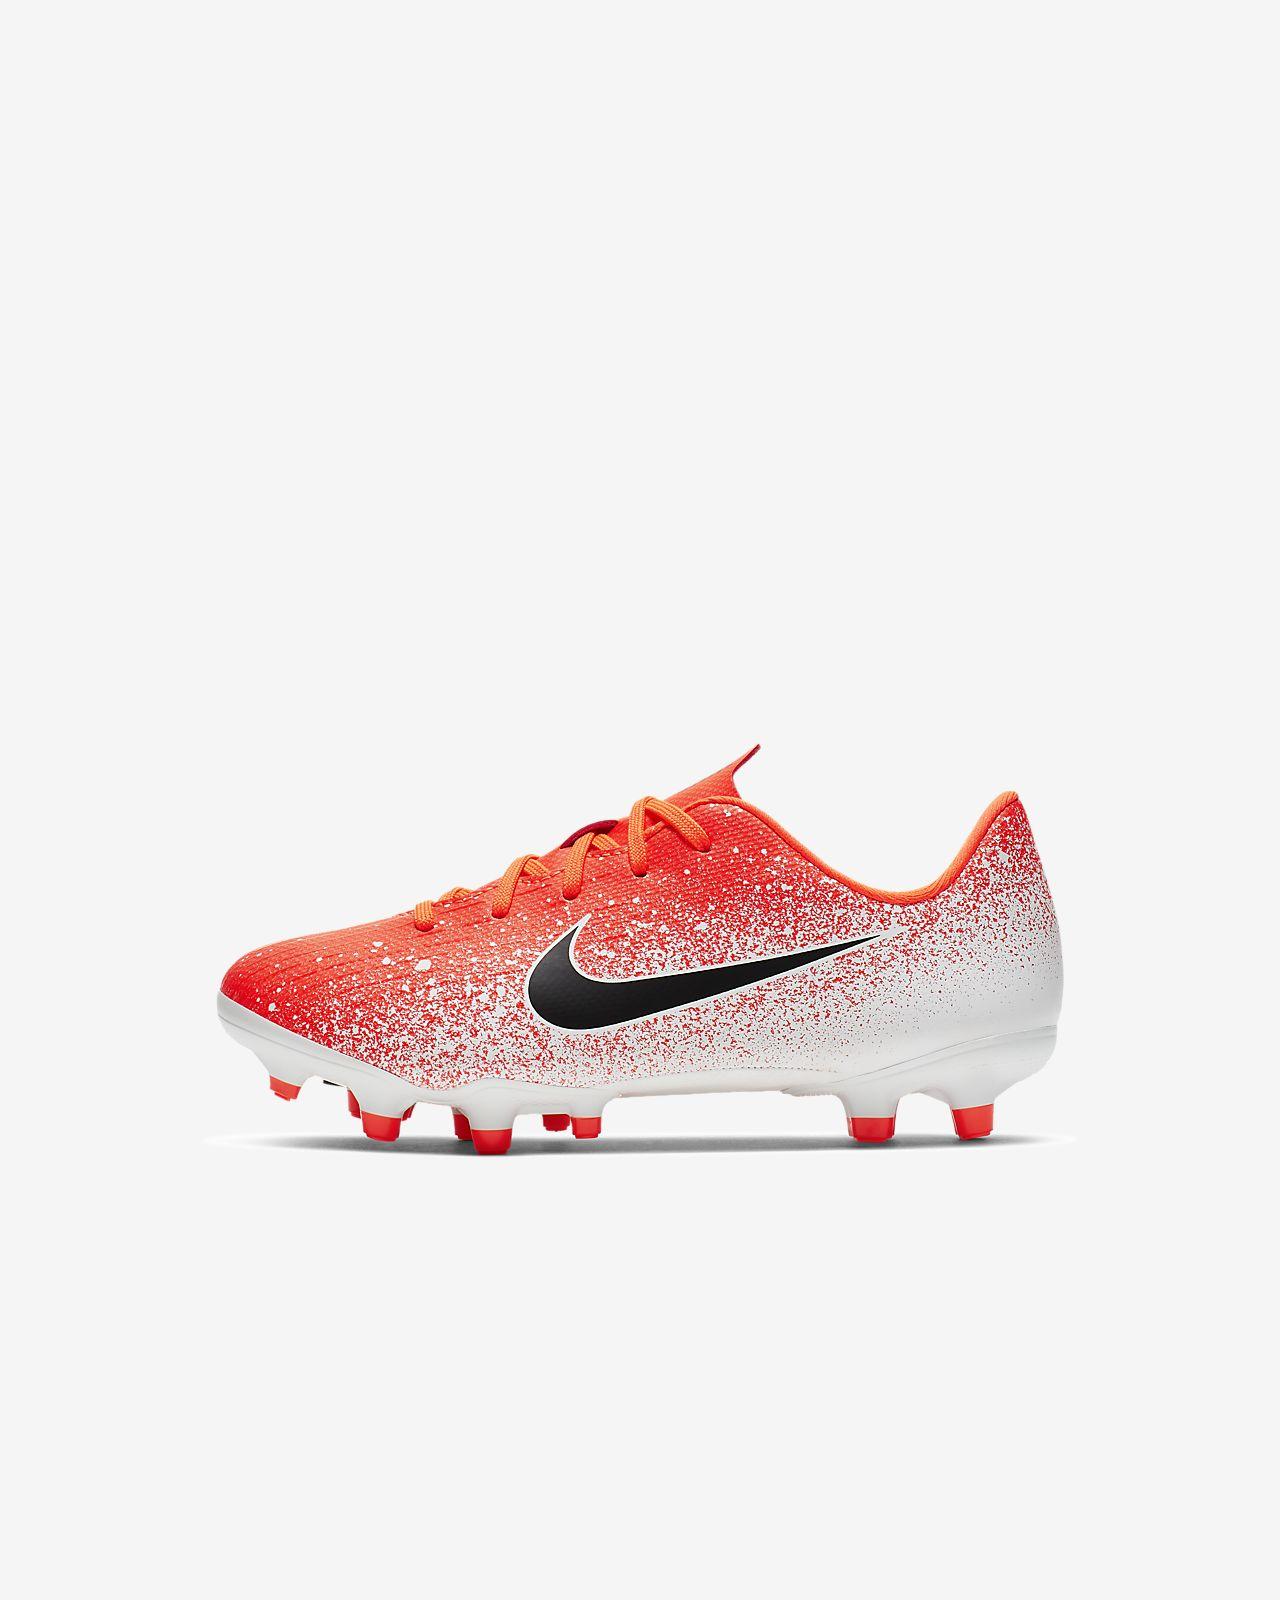 Fotbollssko för varierat underlag Nike Jr. MercurialX Vapor XII Academy för baby/barn